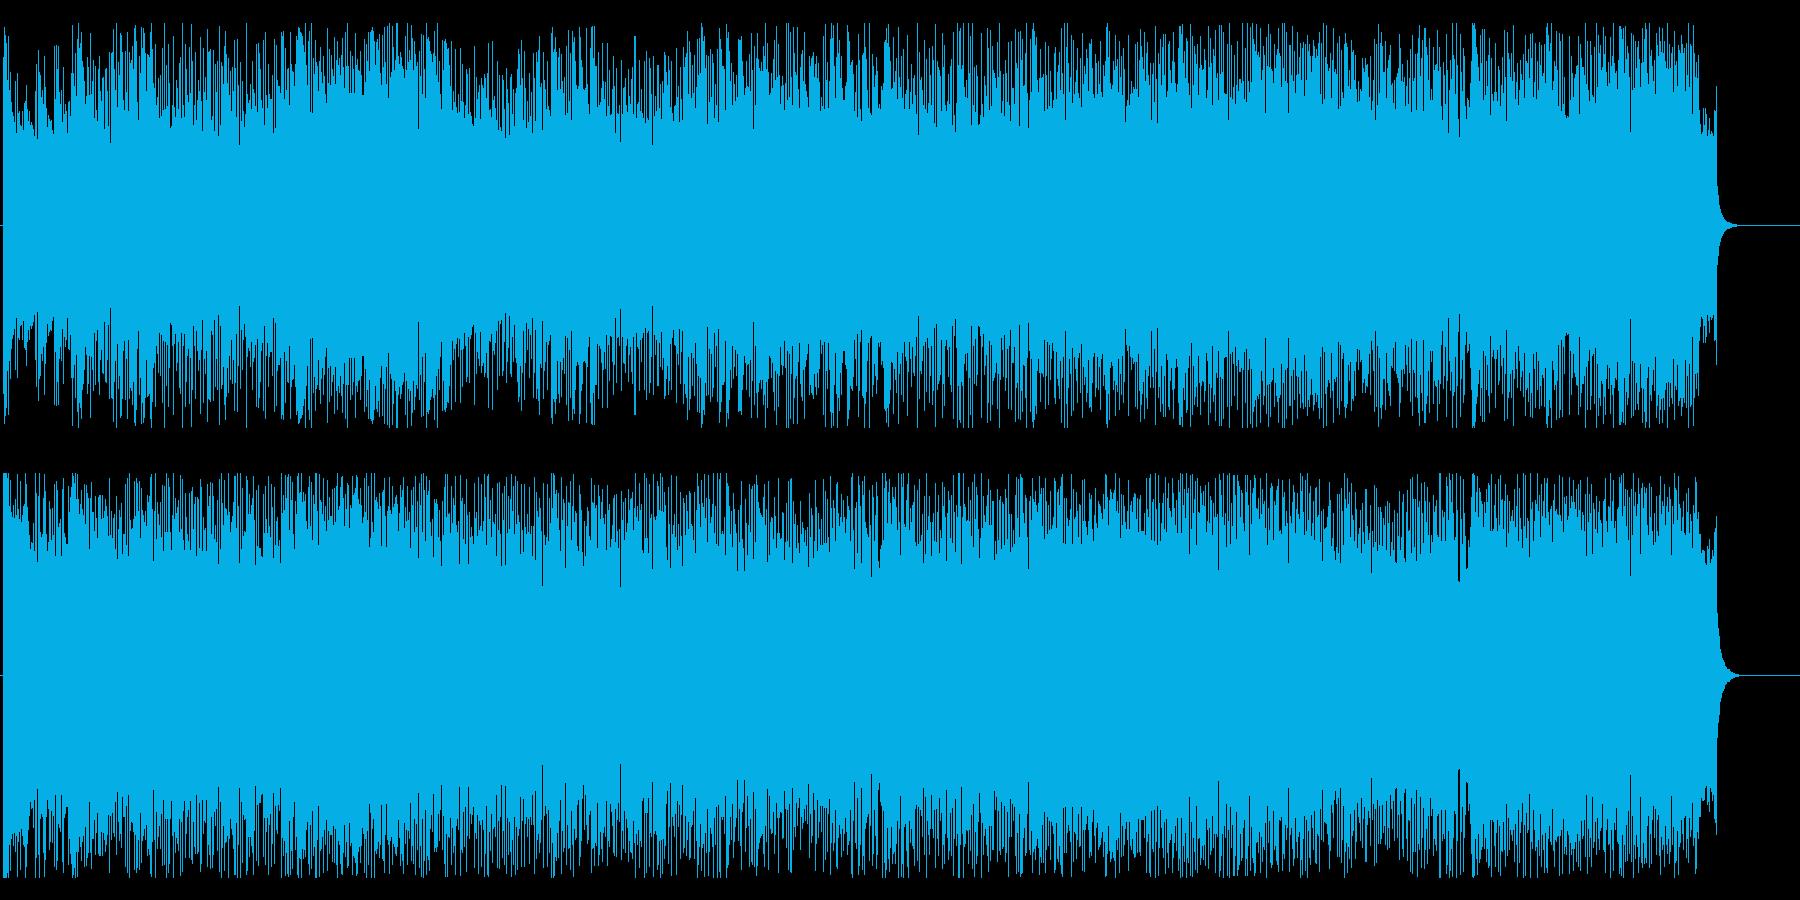 開放的で疾走感のある情報・CM向けBGMの再生済みの波形